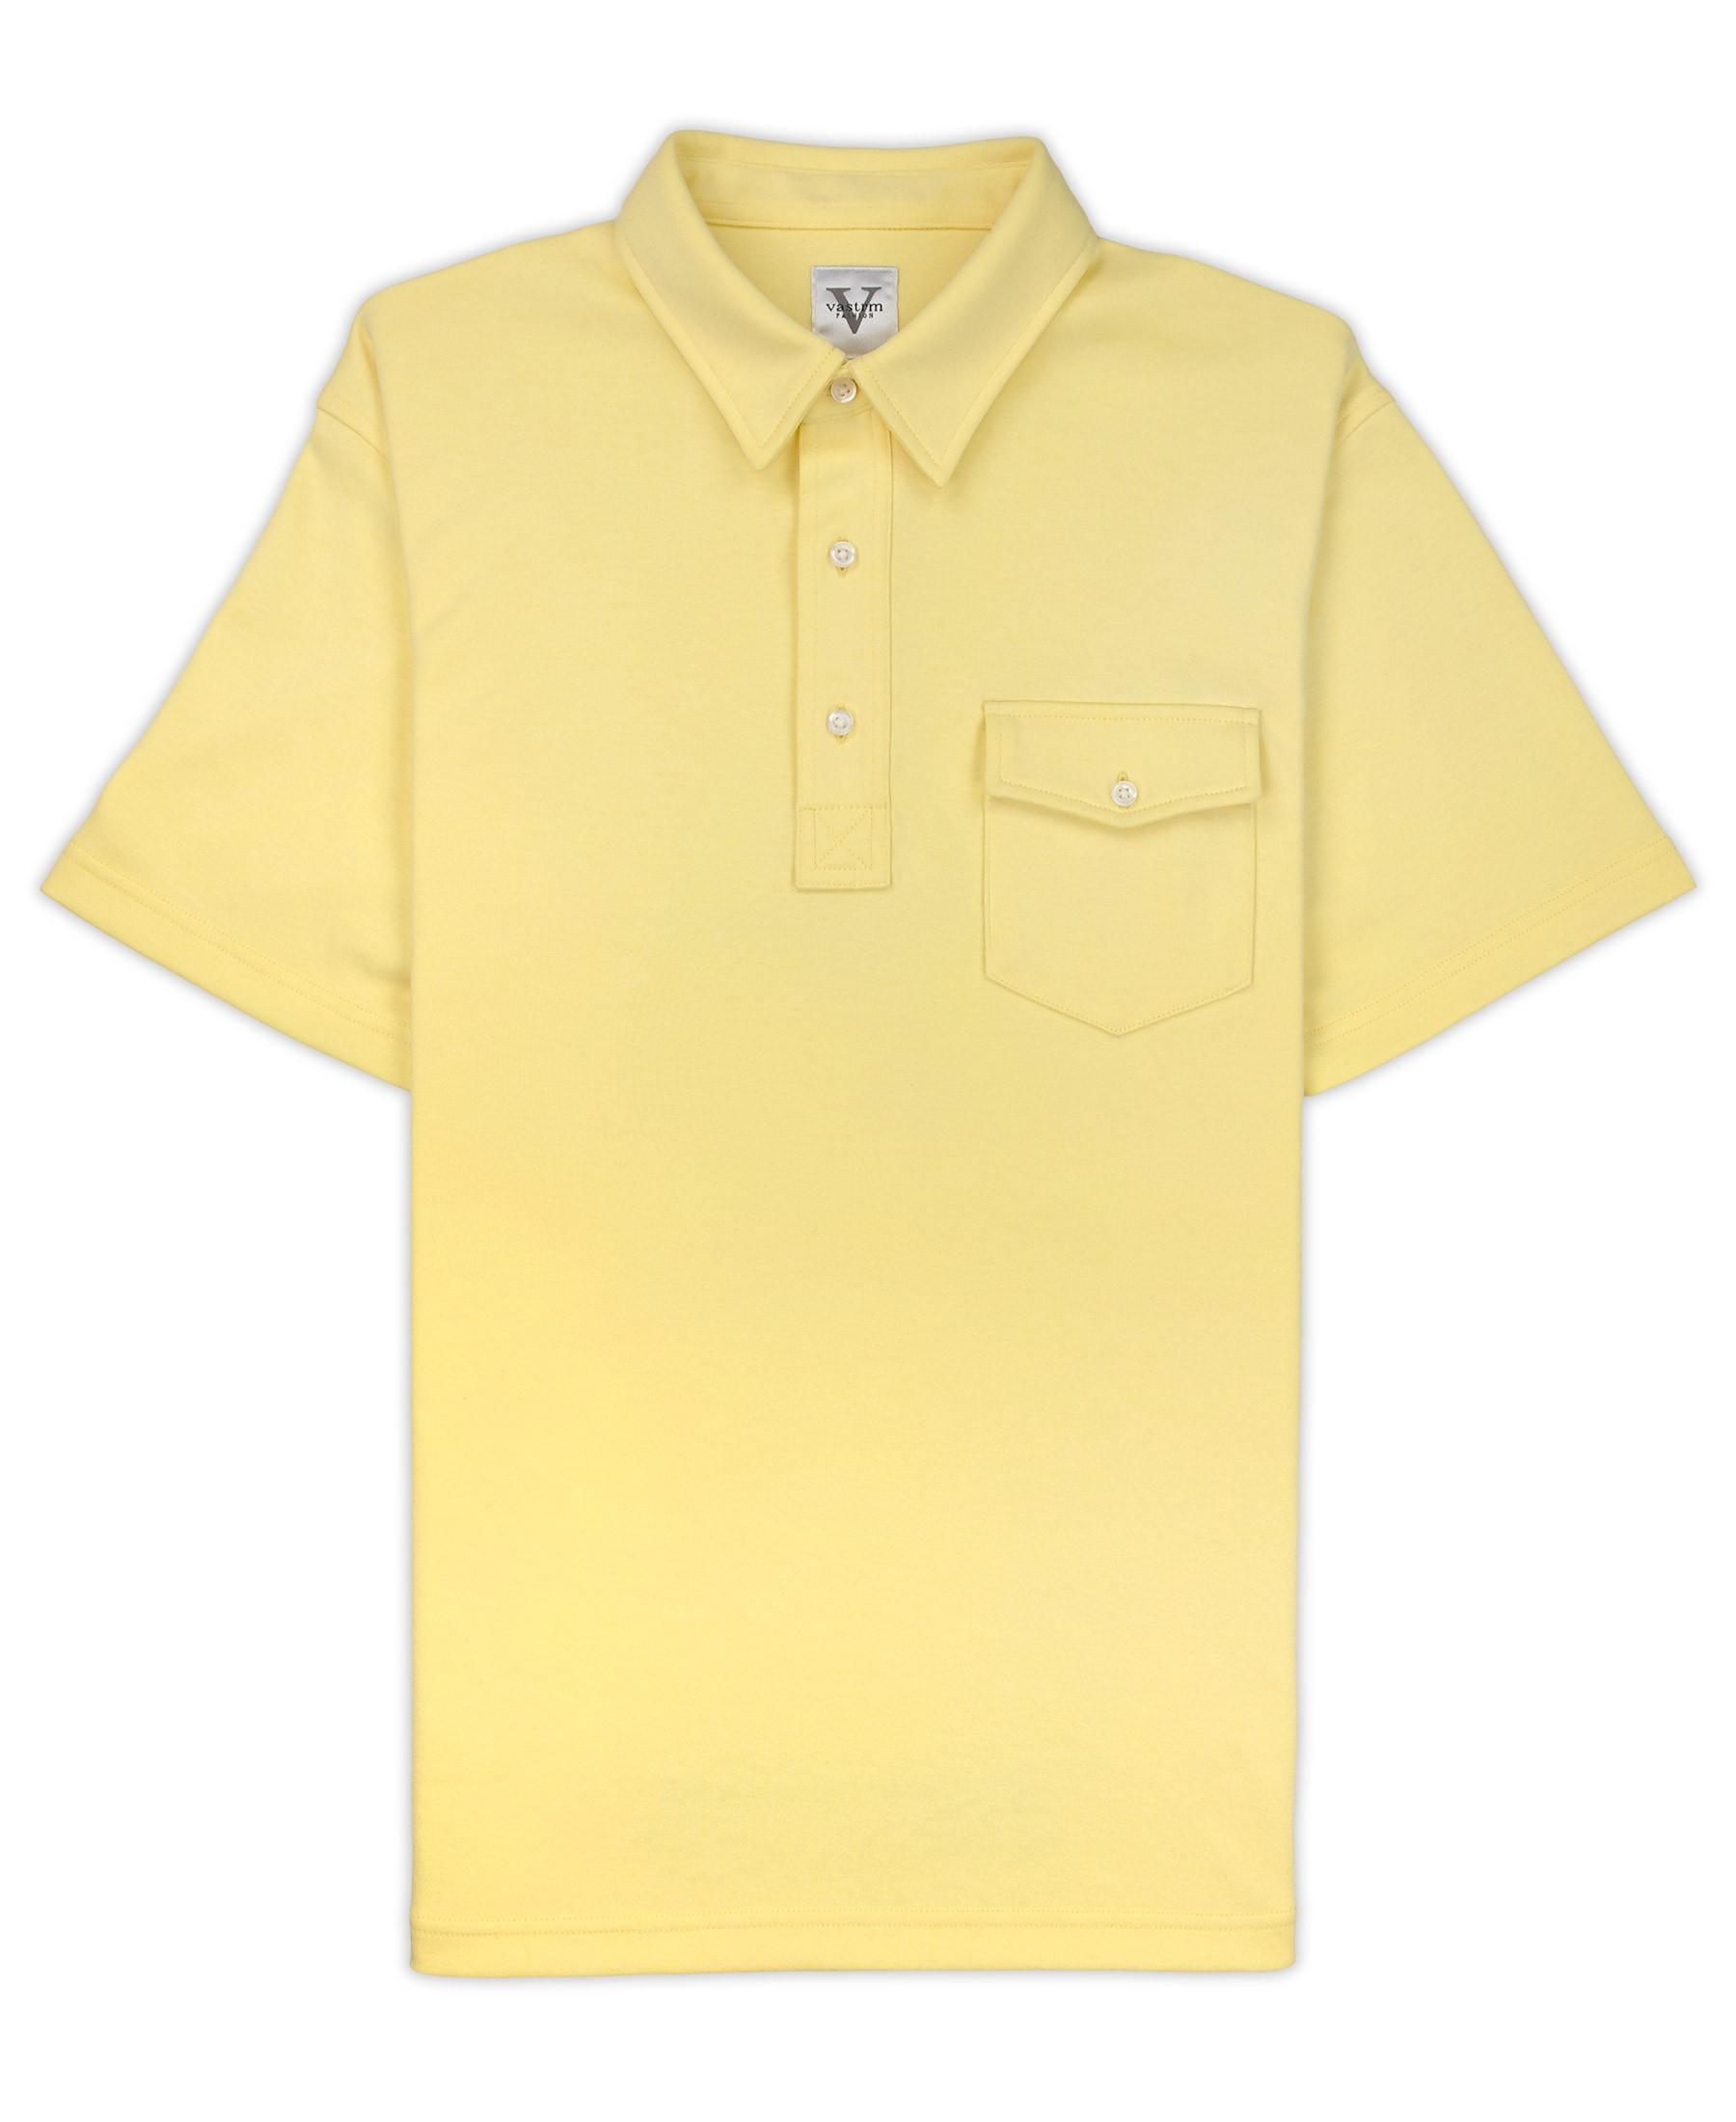 Palms - April Yellow